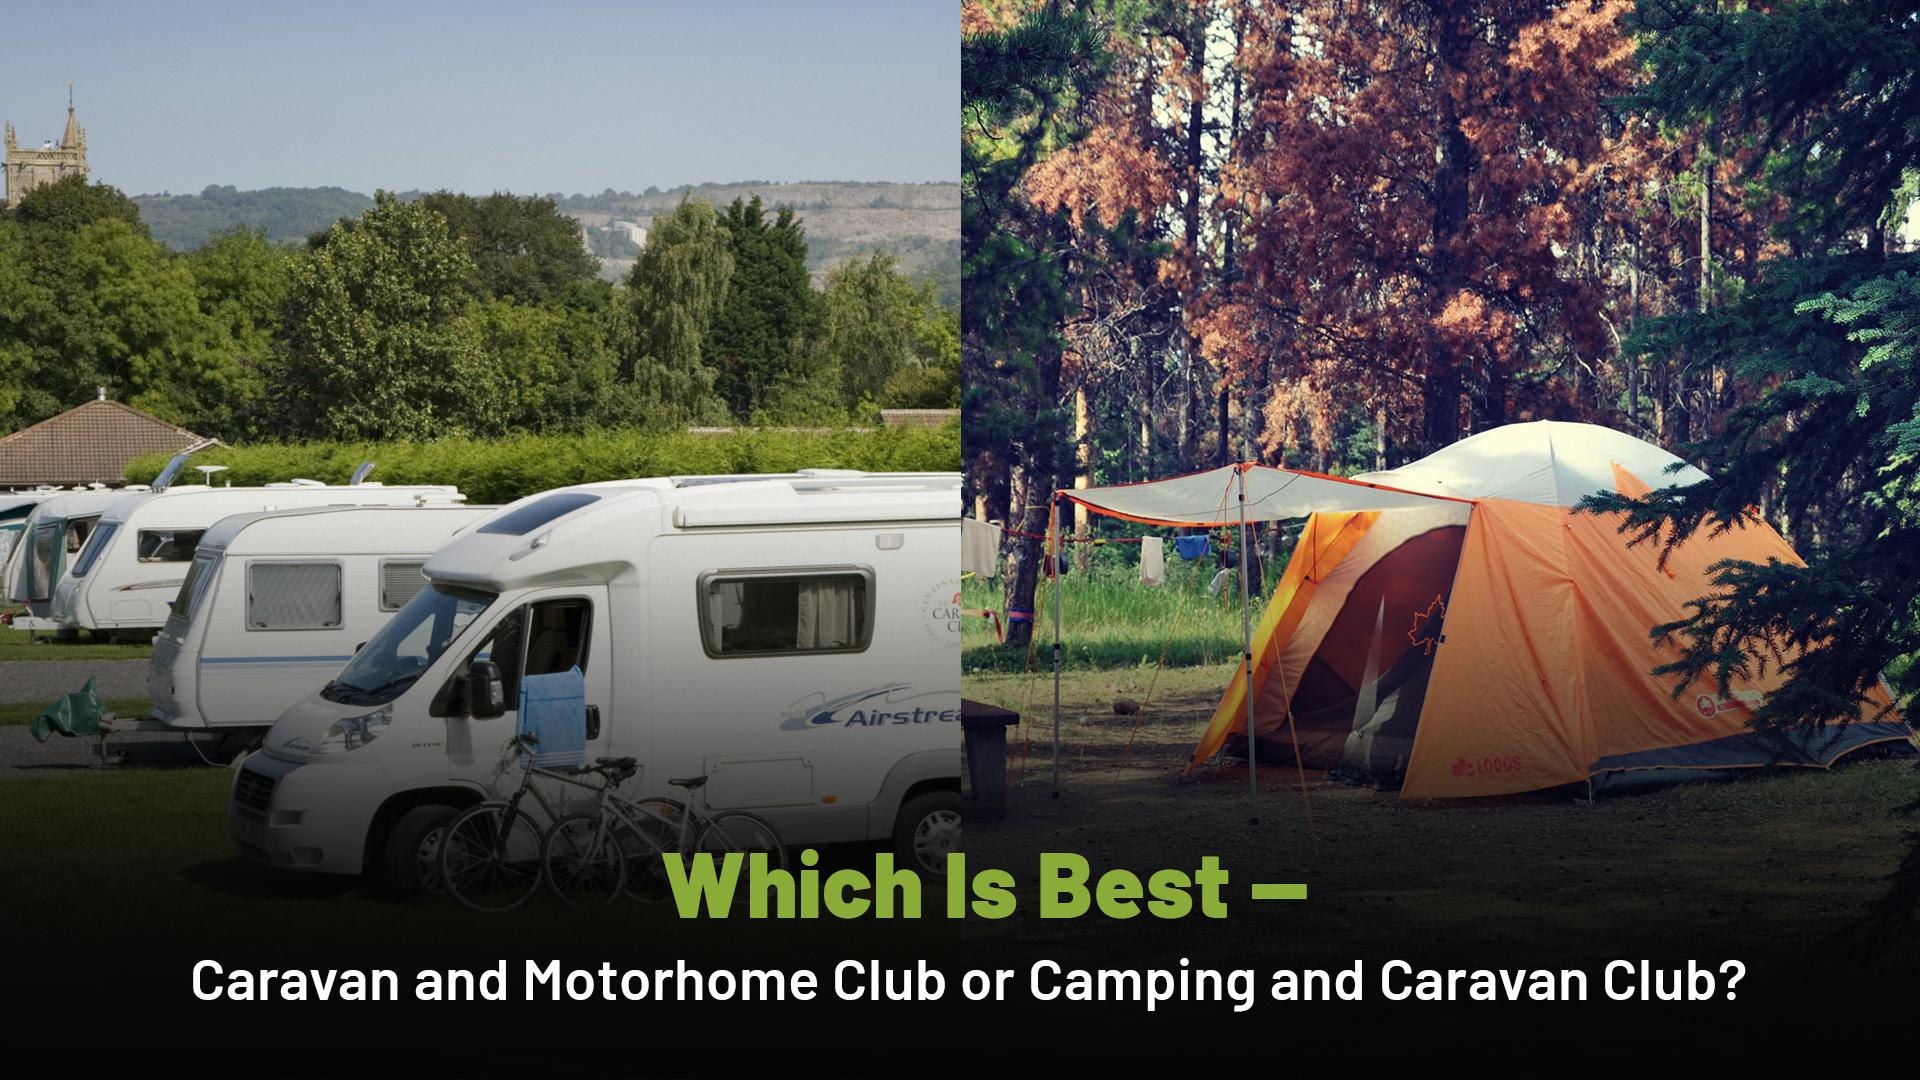 Which Is Best — Caravan and Motorhome Club or Camping and Caravan Club?